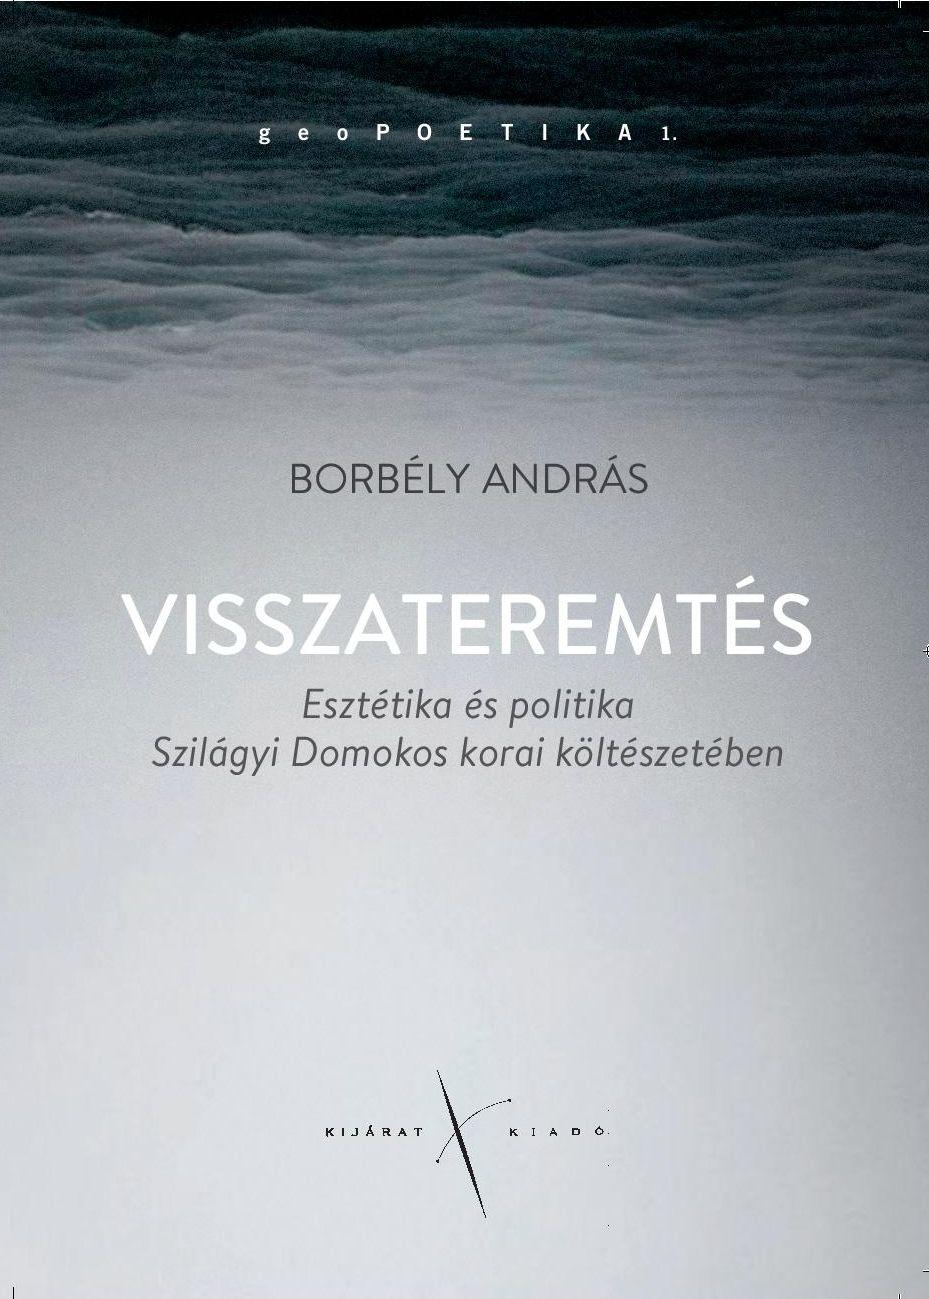 VISSZATEREMTÉS - ESZTÉTIKA ÉS POLITIKA SZILÁGYI DOMOKOS KORAI KÖLTÉSZETÉBEN